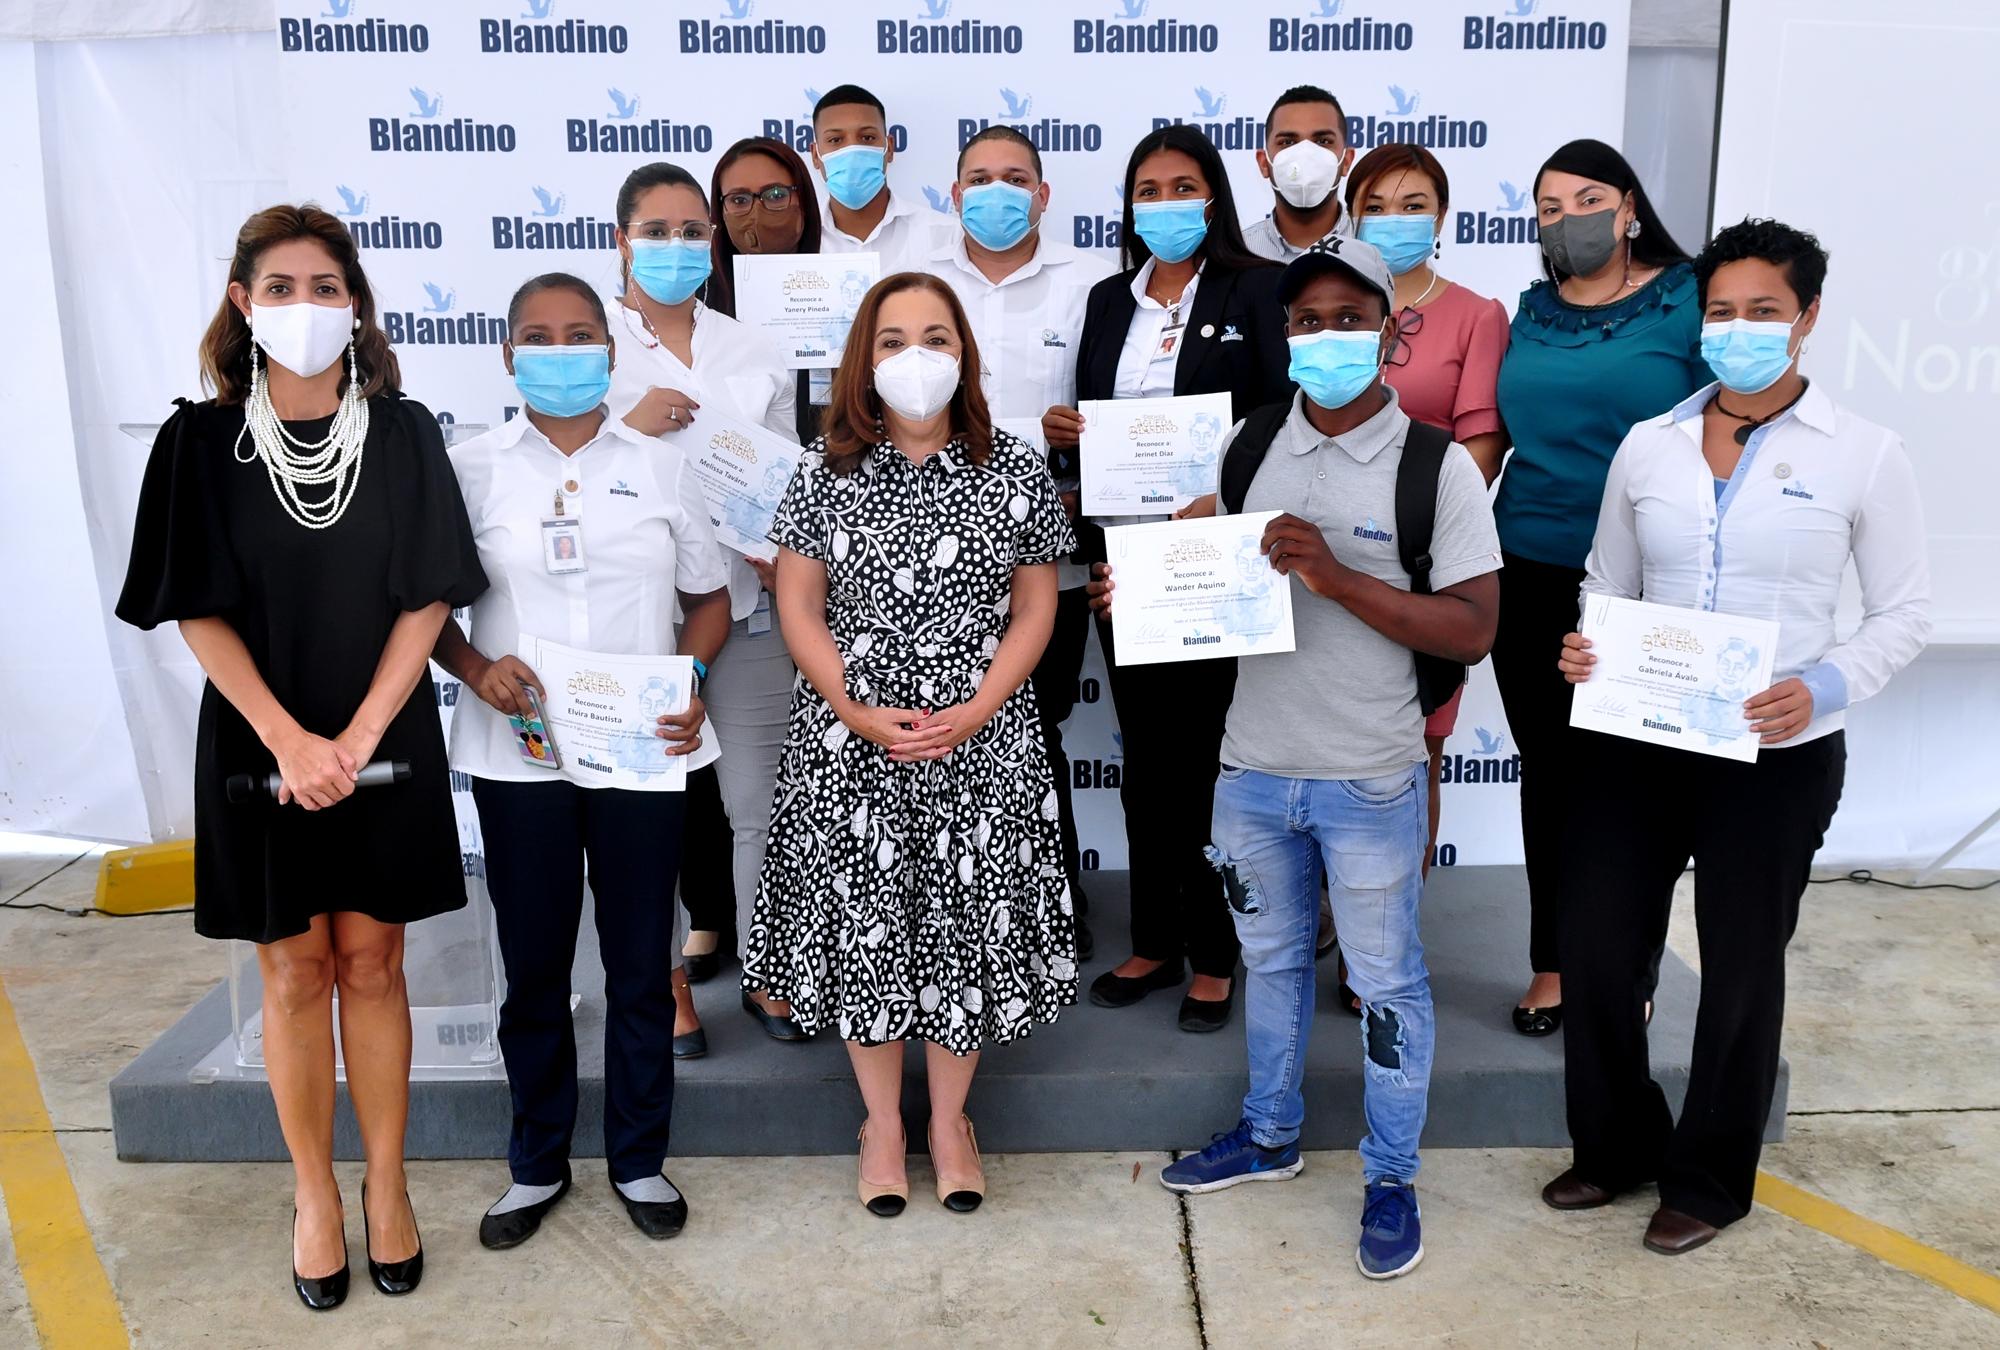 Otorgan Premios Águeda Blandino a empleados